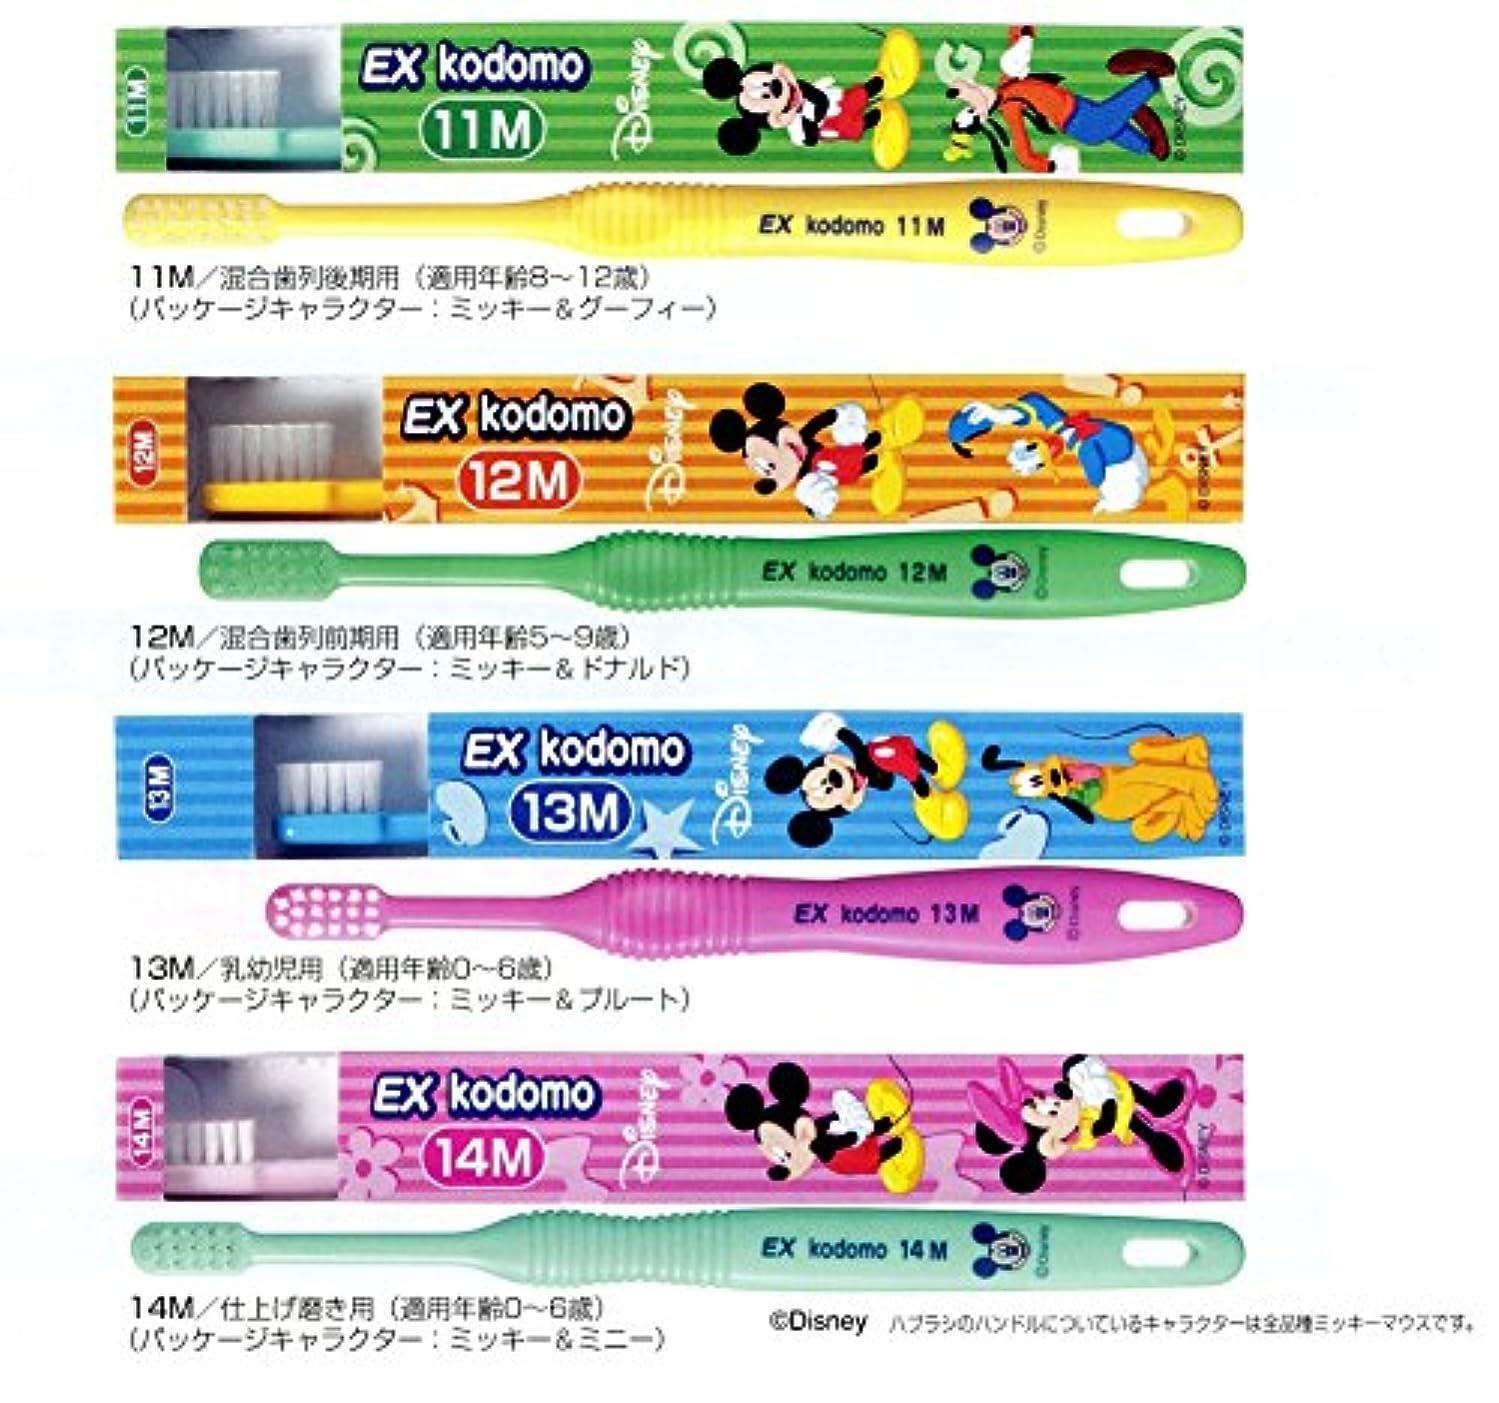 矢印残り適応するライオン コドモ ディズニー DENT.EX kodomo Disney 1本 12M イエロー (5?9歳)